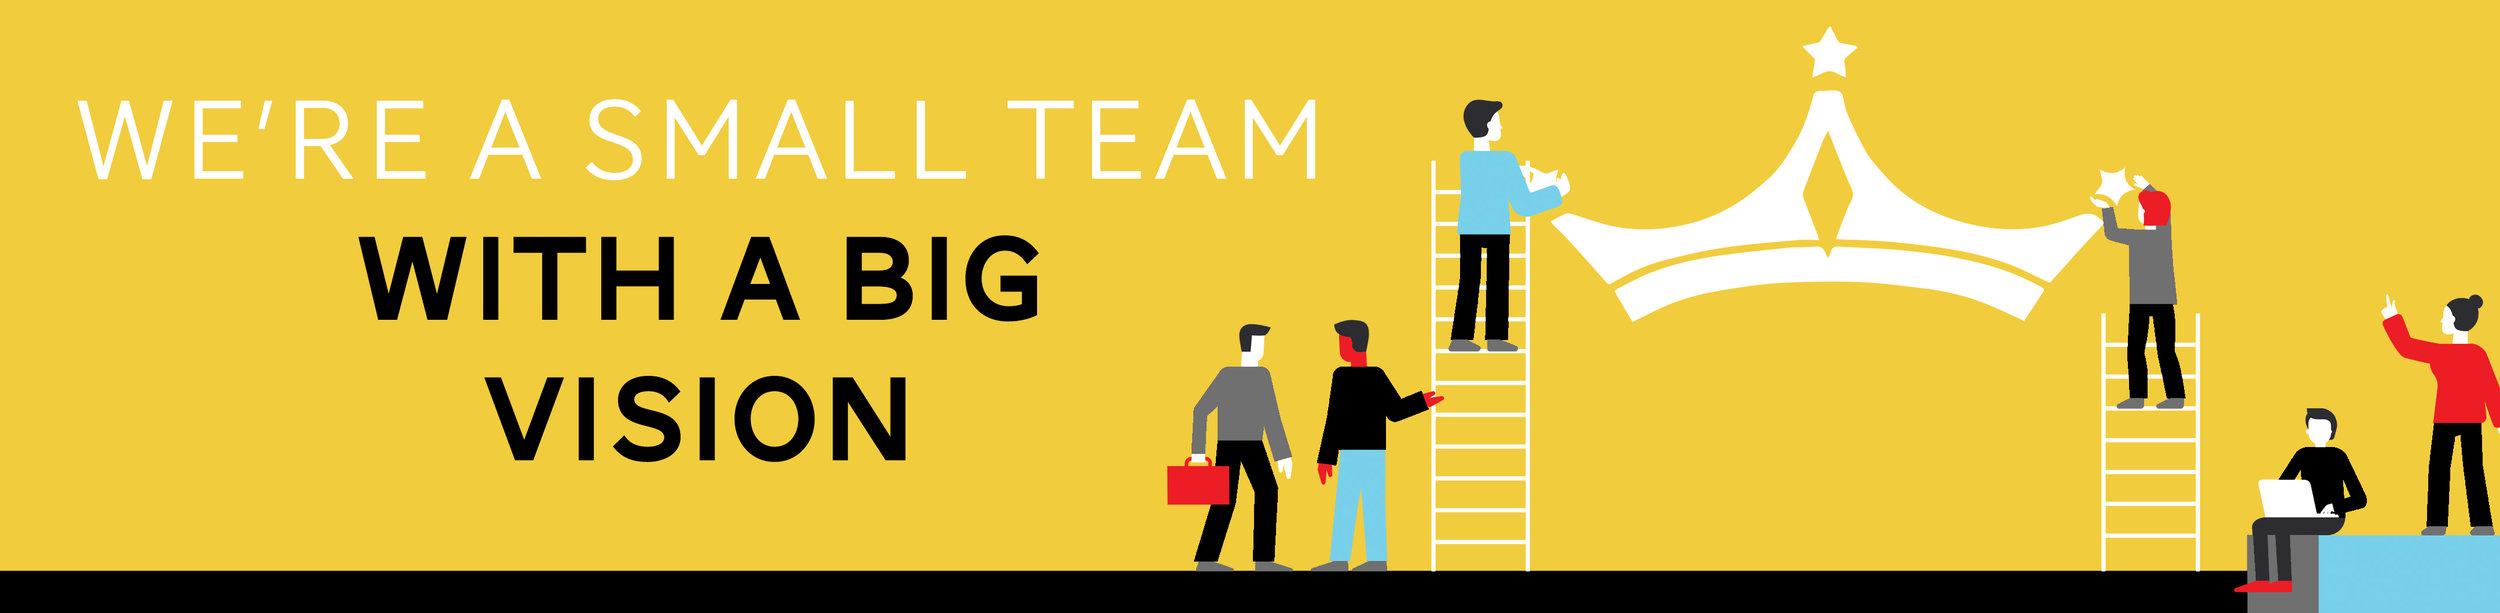 QCD_Team_Web_Banner_1.jpg